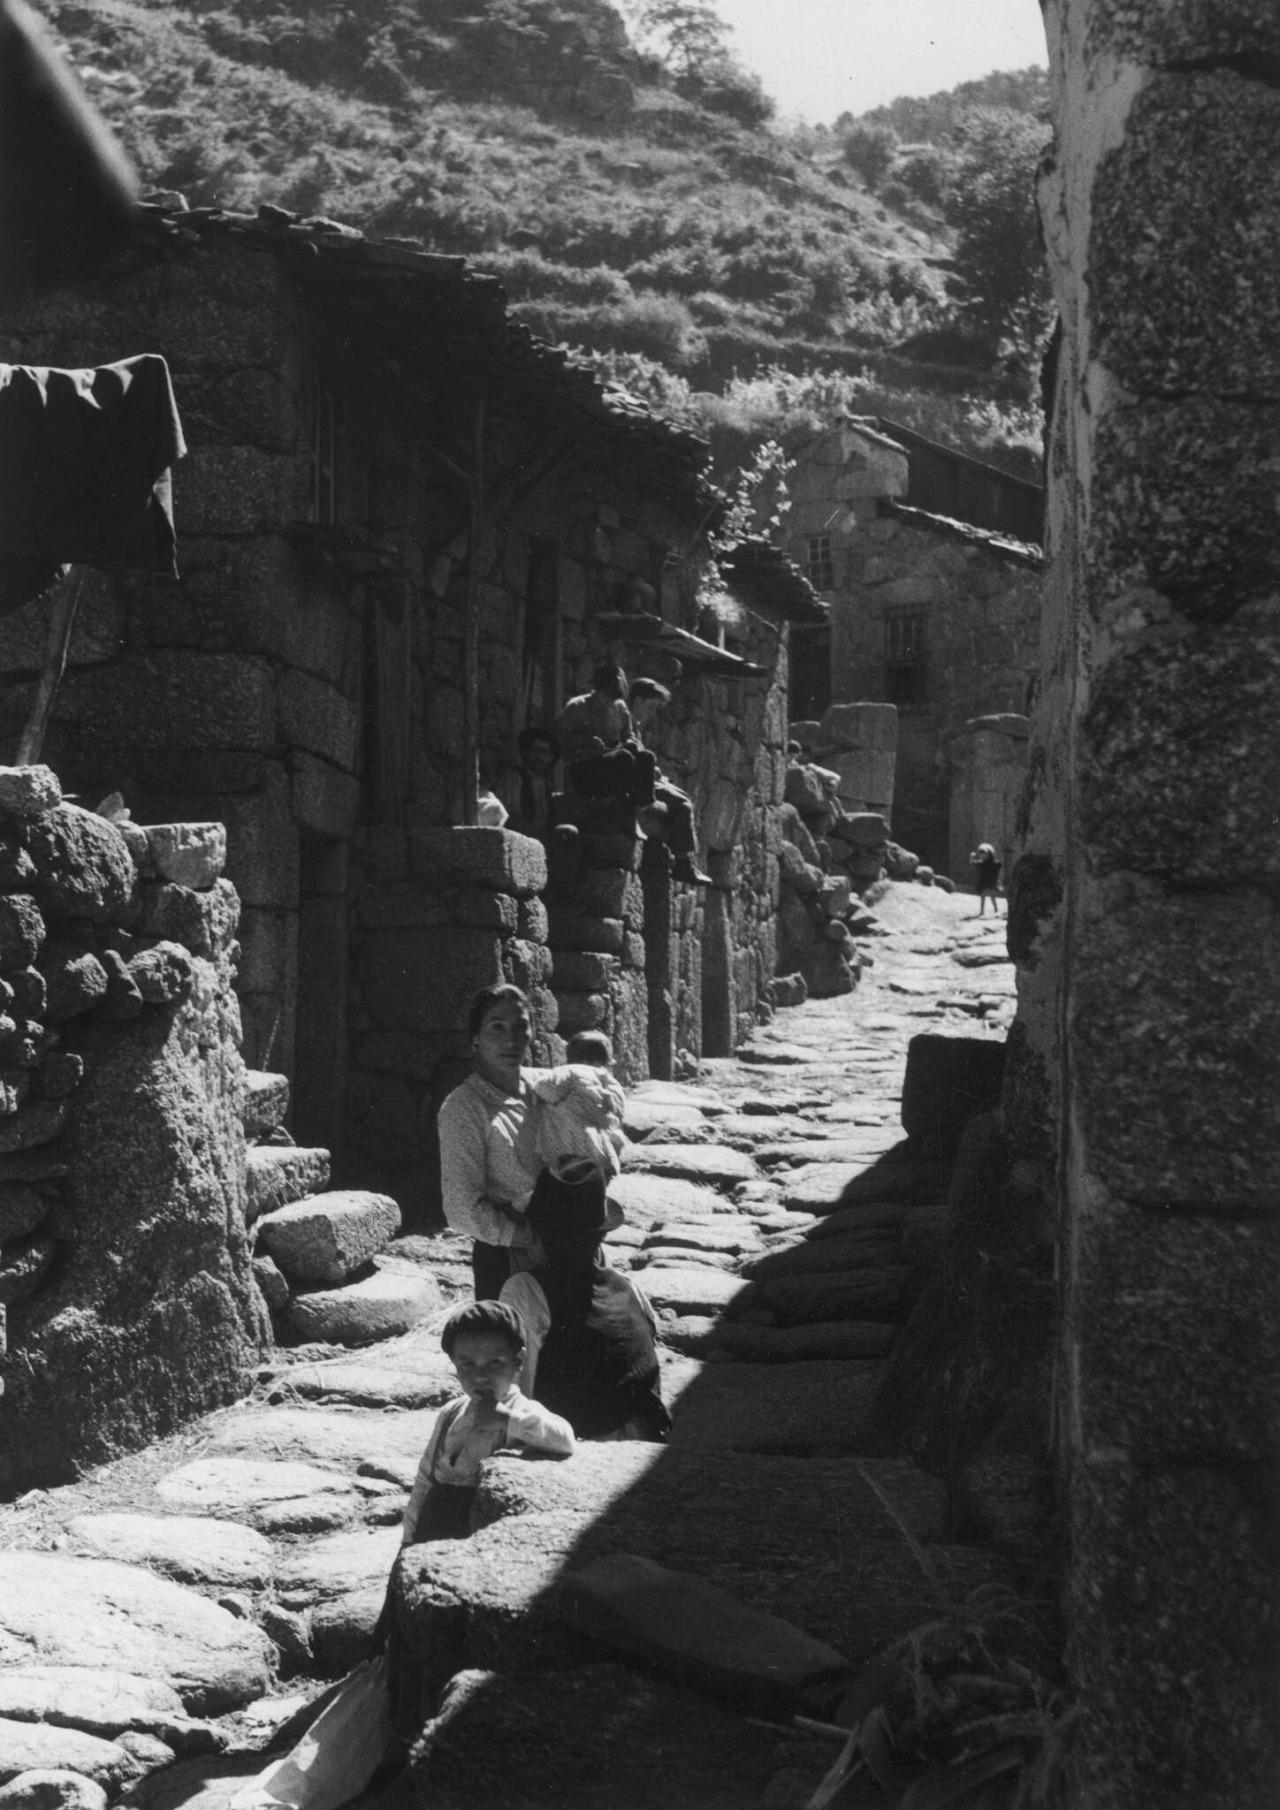 Vidéki élet Portugál középső-keleti részén (Beira interior) az 1950-es években Forrás: Artur Pastor/Tumblr